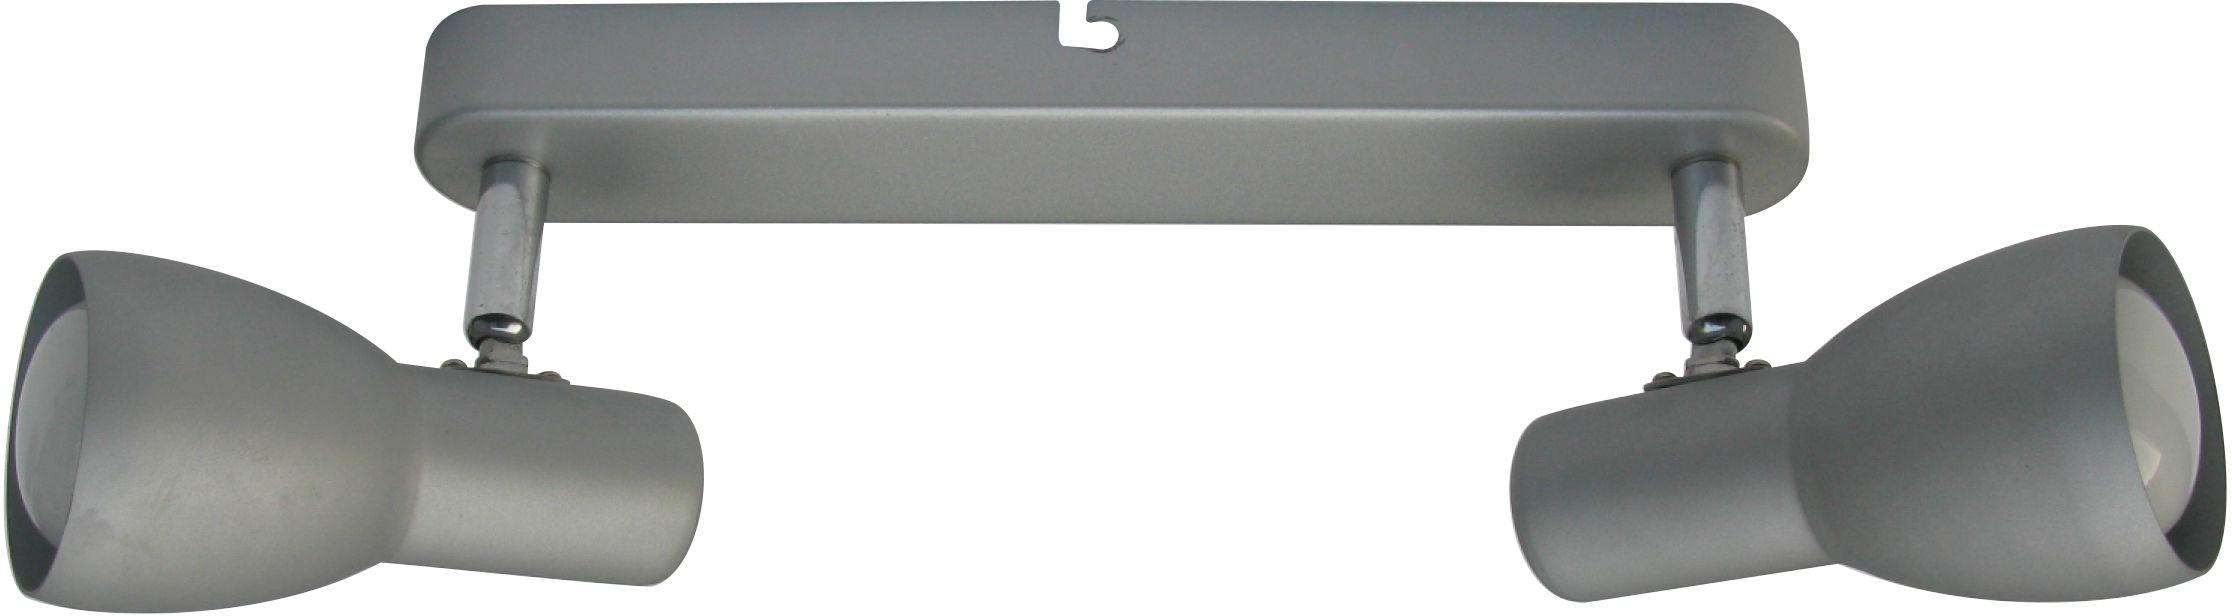 Candellux PICARDO 92-44211 oprawa oświetleniowa srebrno-szary stalowy klosz stalowy 2X40W E14 36cm